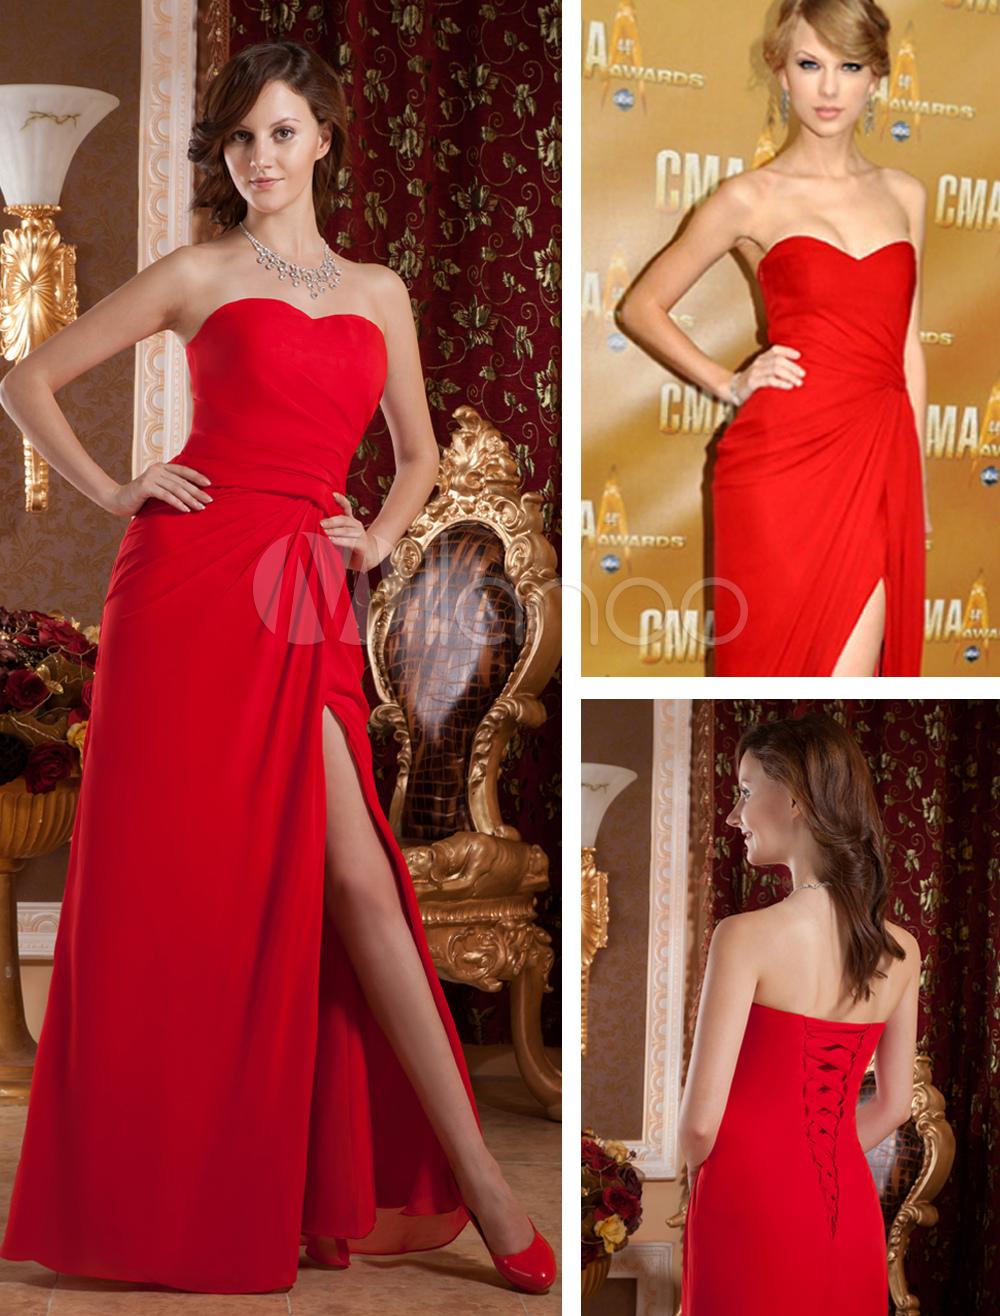 8ee7813e0ae1 Abito di Gossip Girl rosso attillato elegante in chiffon - Milanoo.com